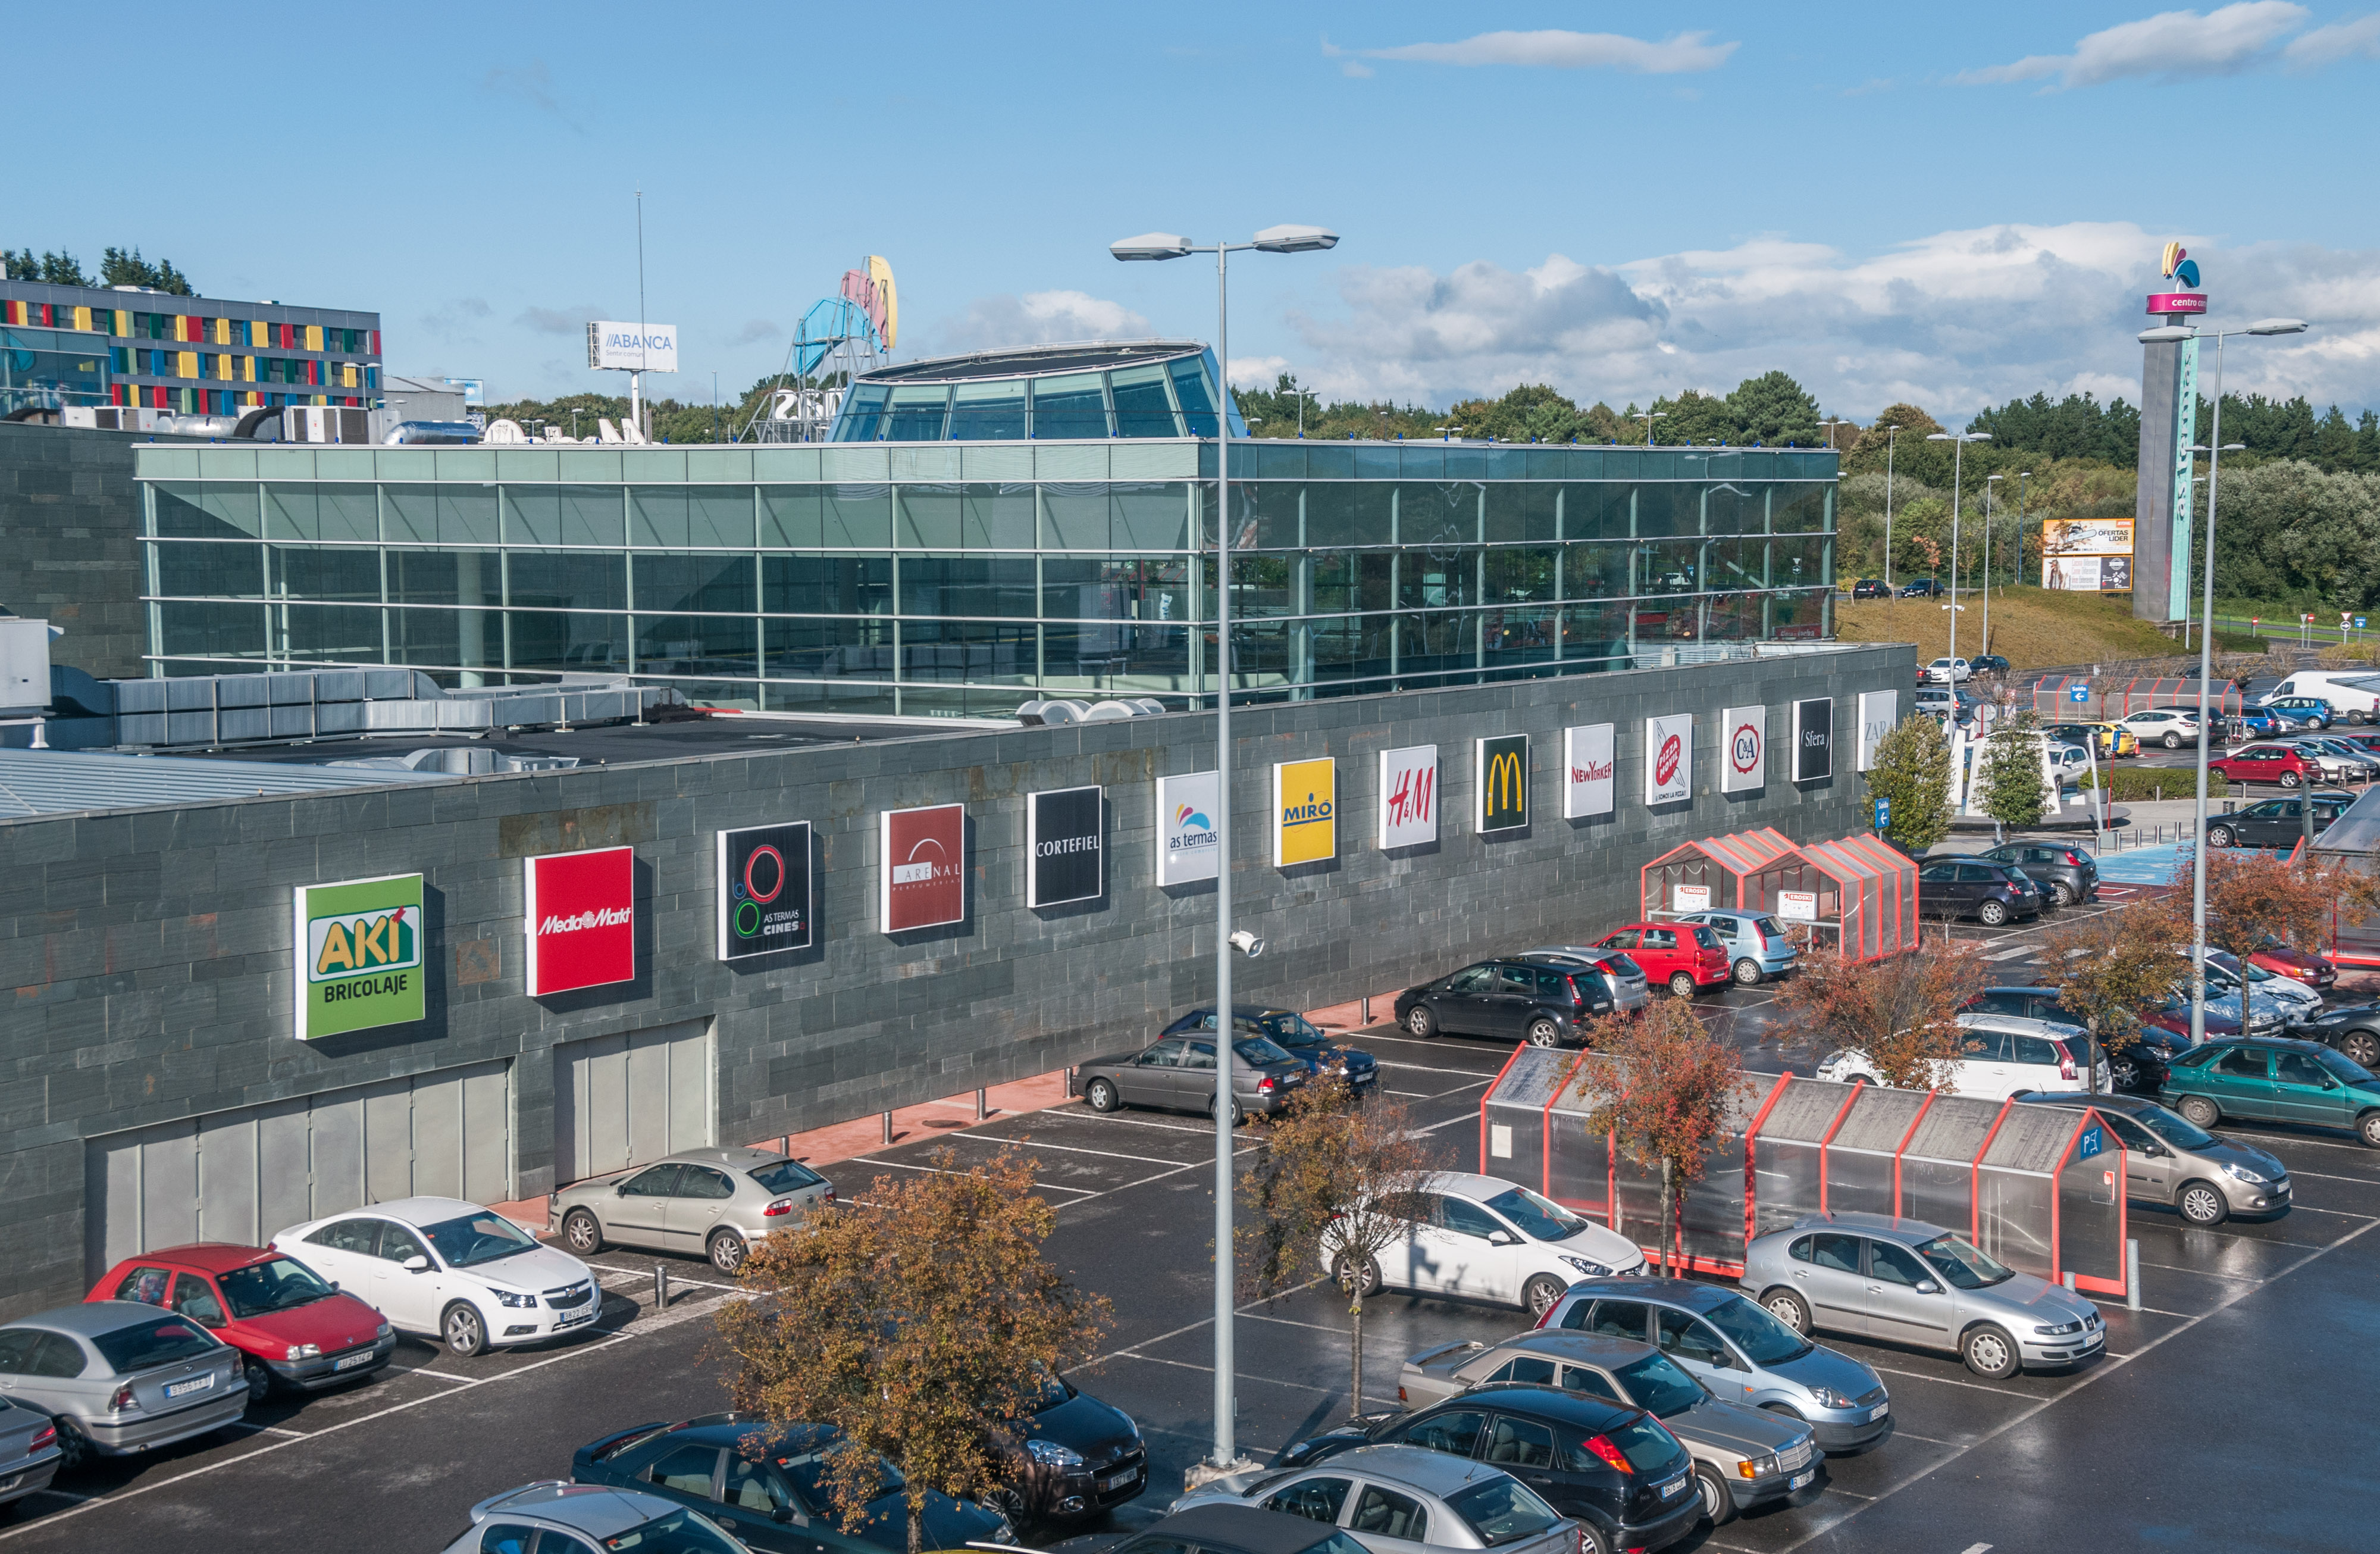 Lar espa a centro comercial as termas for Centro comercial aki piscinas precio